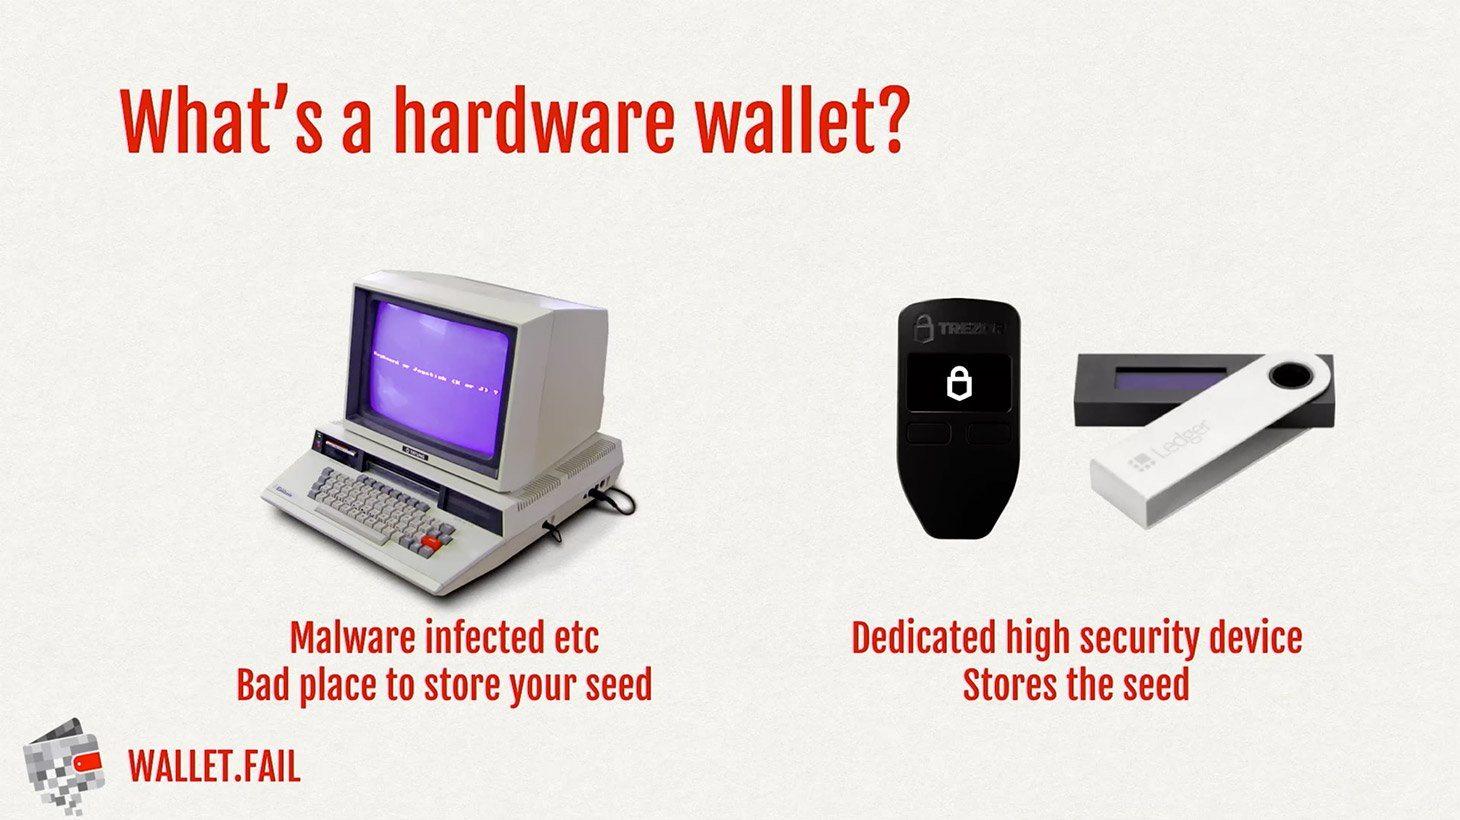 Waarom zou iemand een hardware cryptovaluta wallet willen?